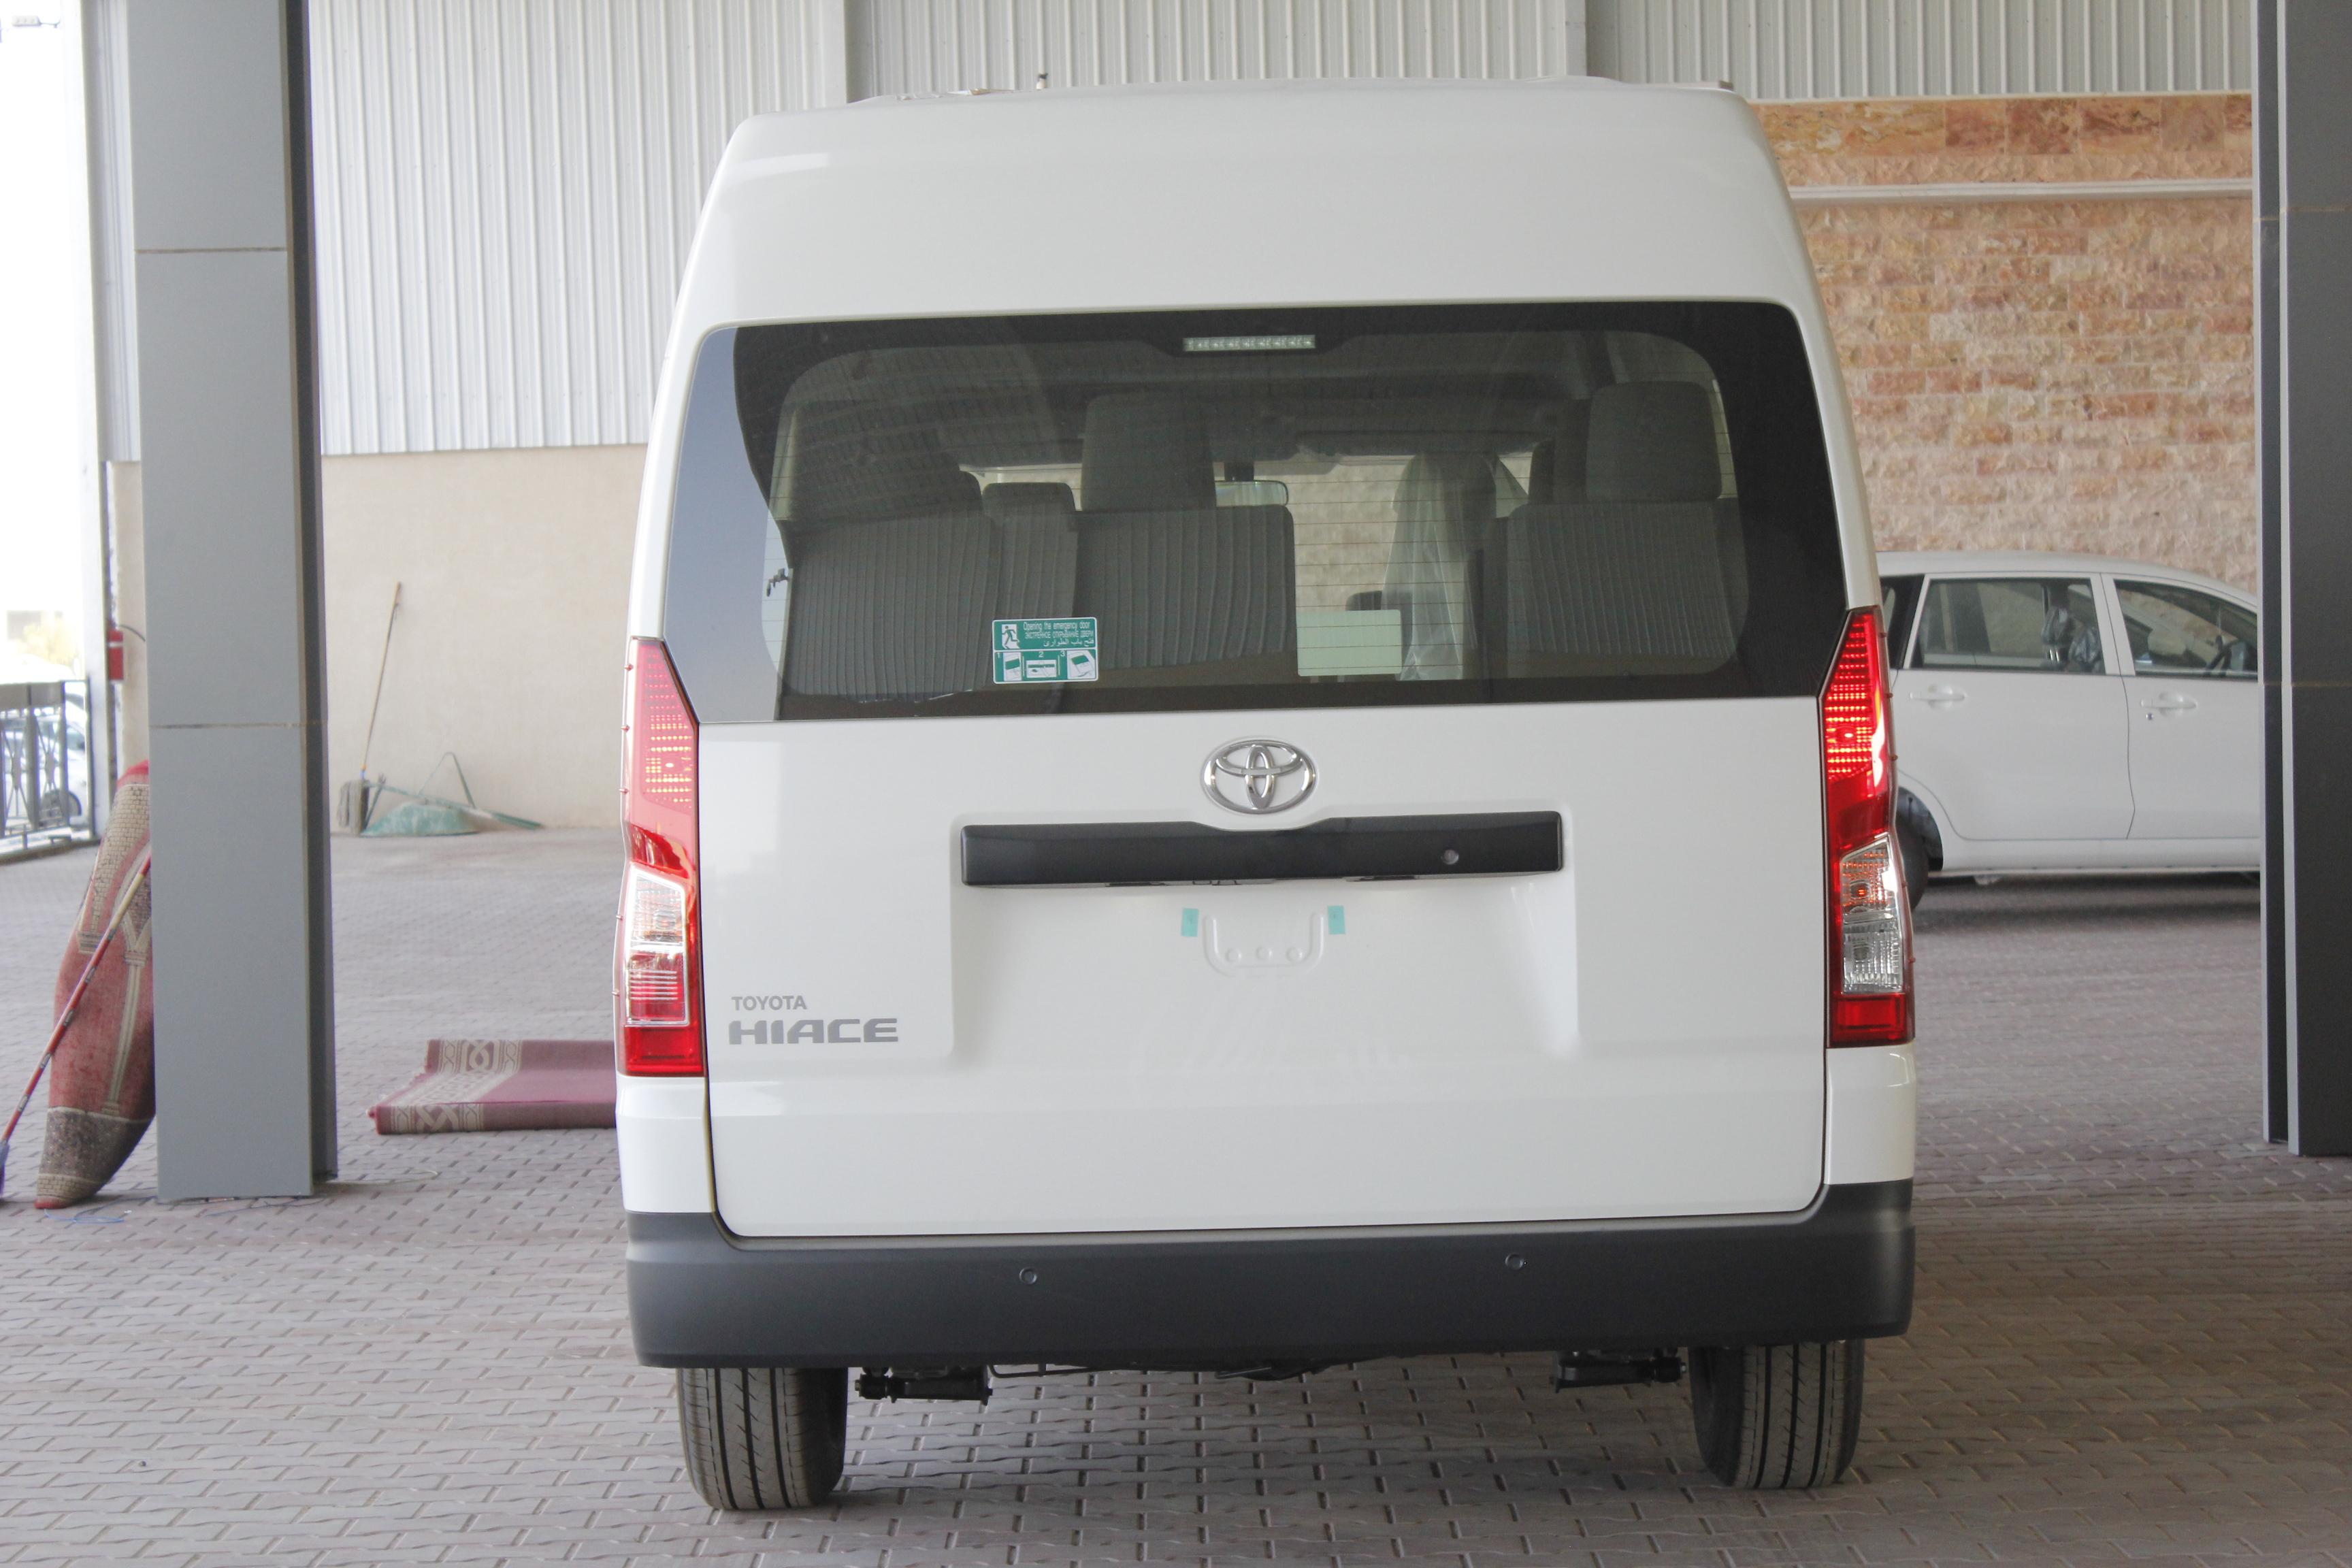 مباع - تويوتا  هايس  ركاب  2022 سعودي 13 راكب للبيع في الرياض - السعودية - صورة كبيرة - 3